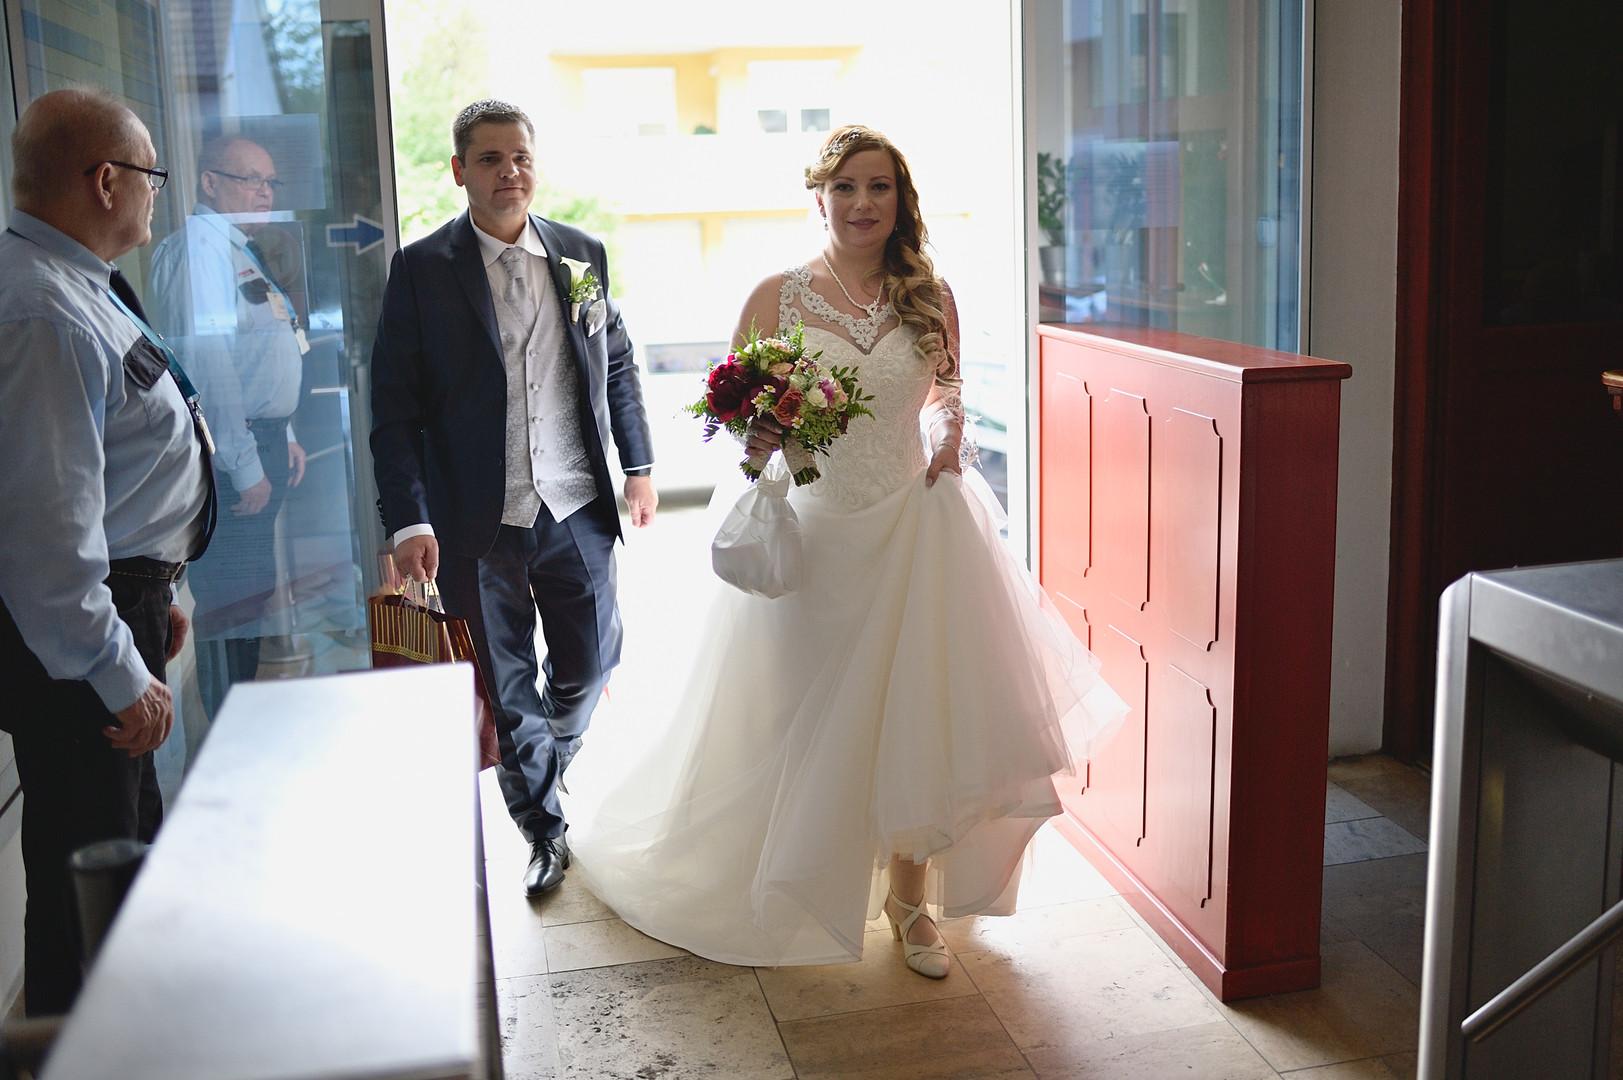 010 Esküvői fotózás - Enikő és Peti.jpg